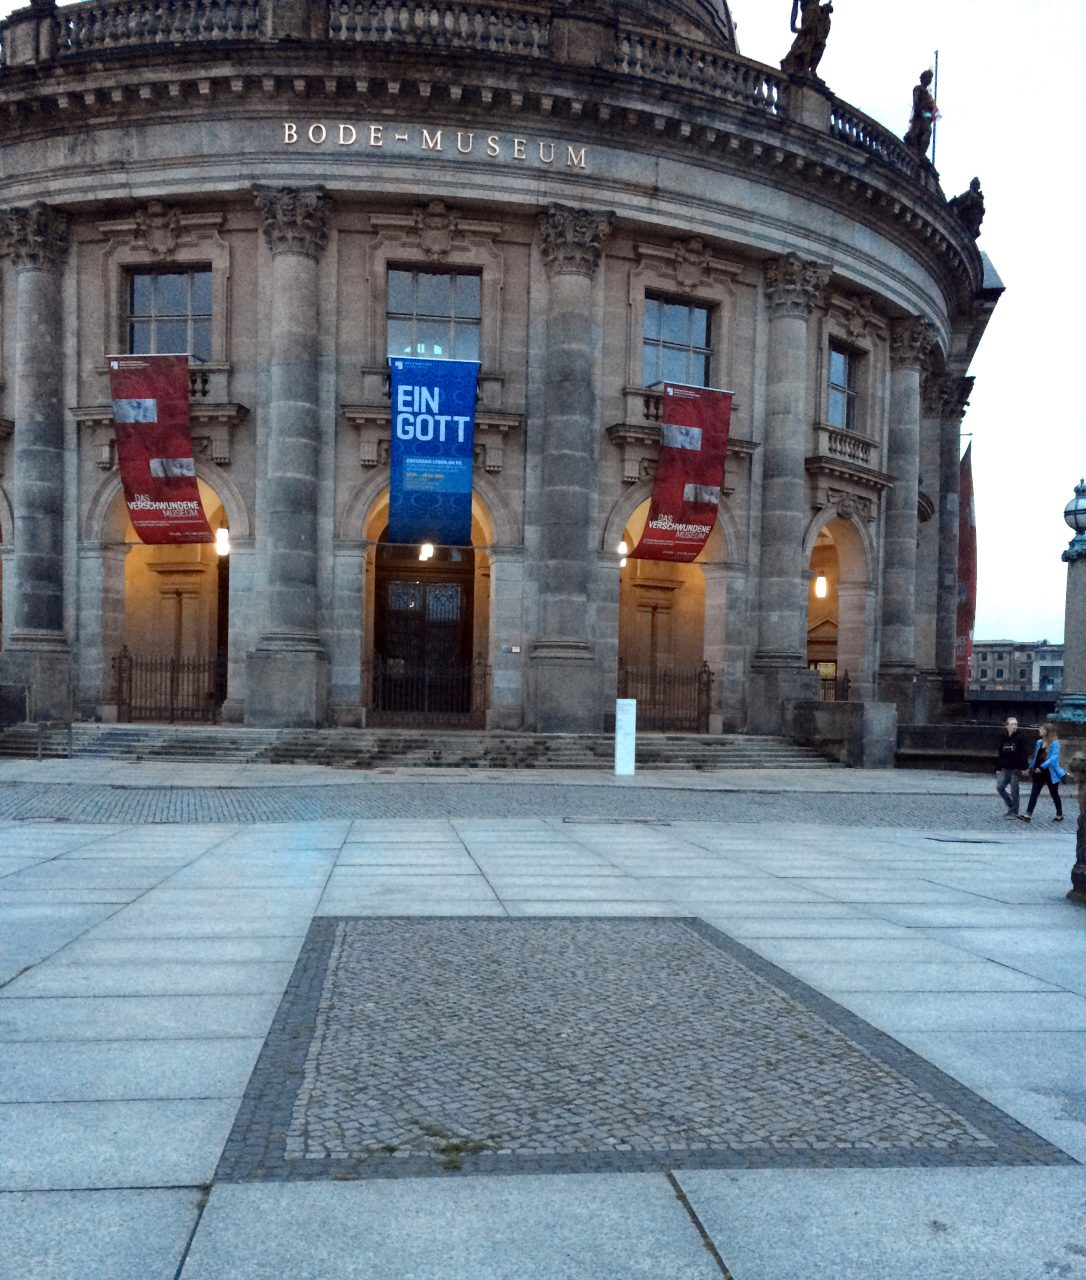 Bode-Museum, Berlin 2015